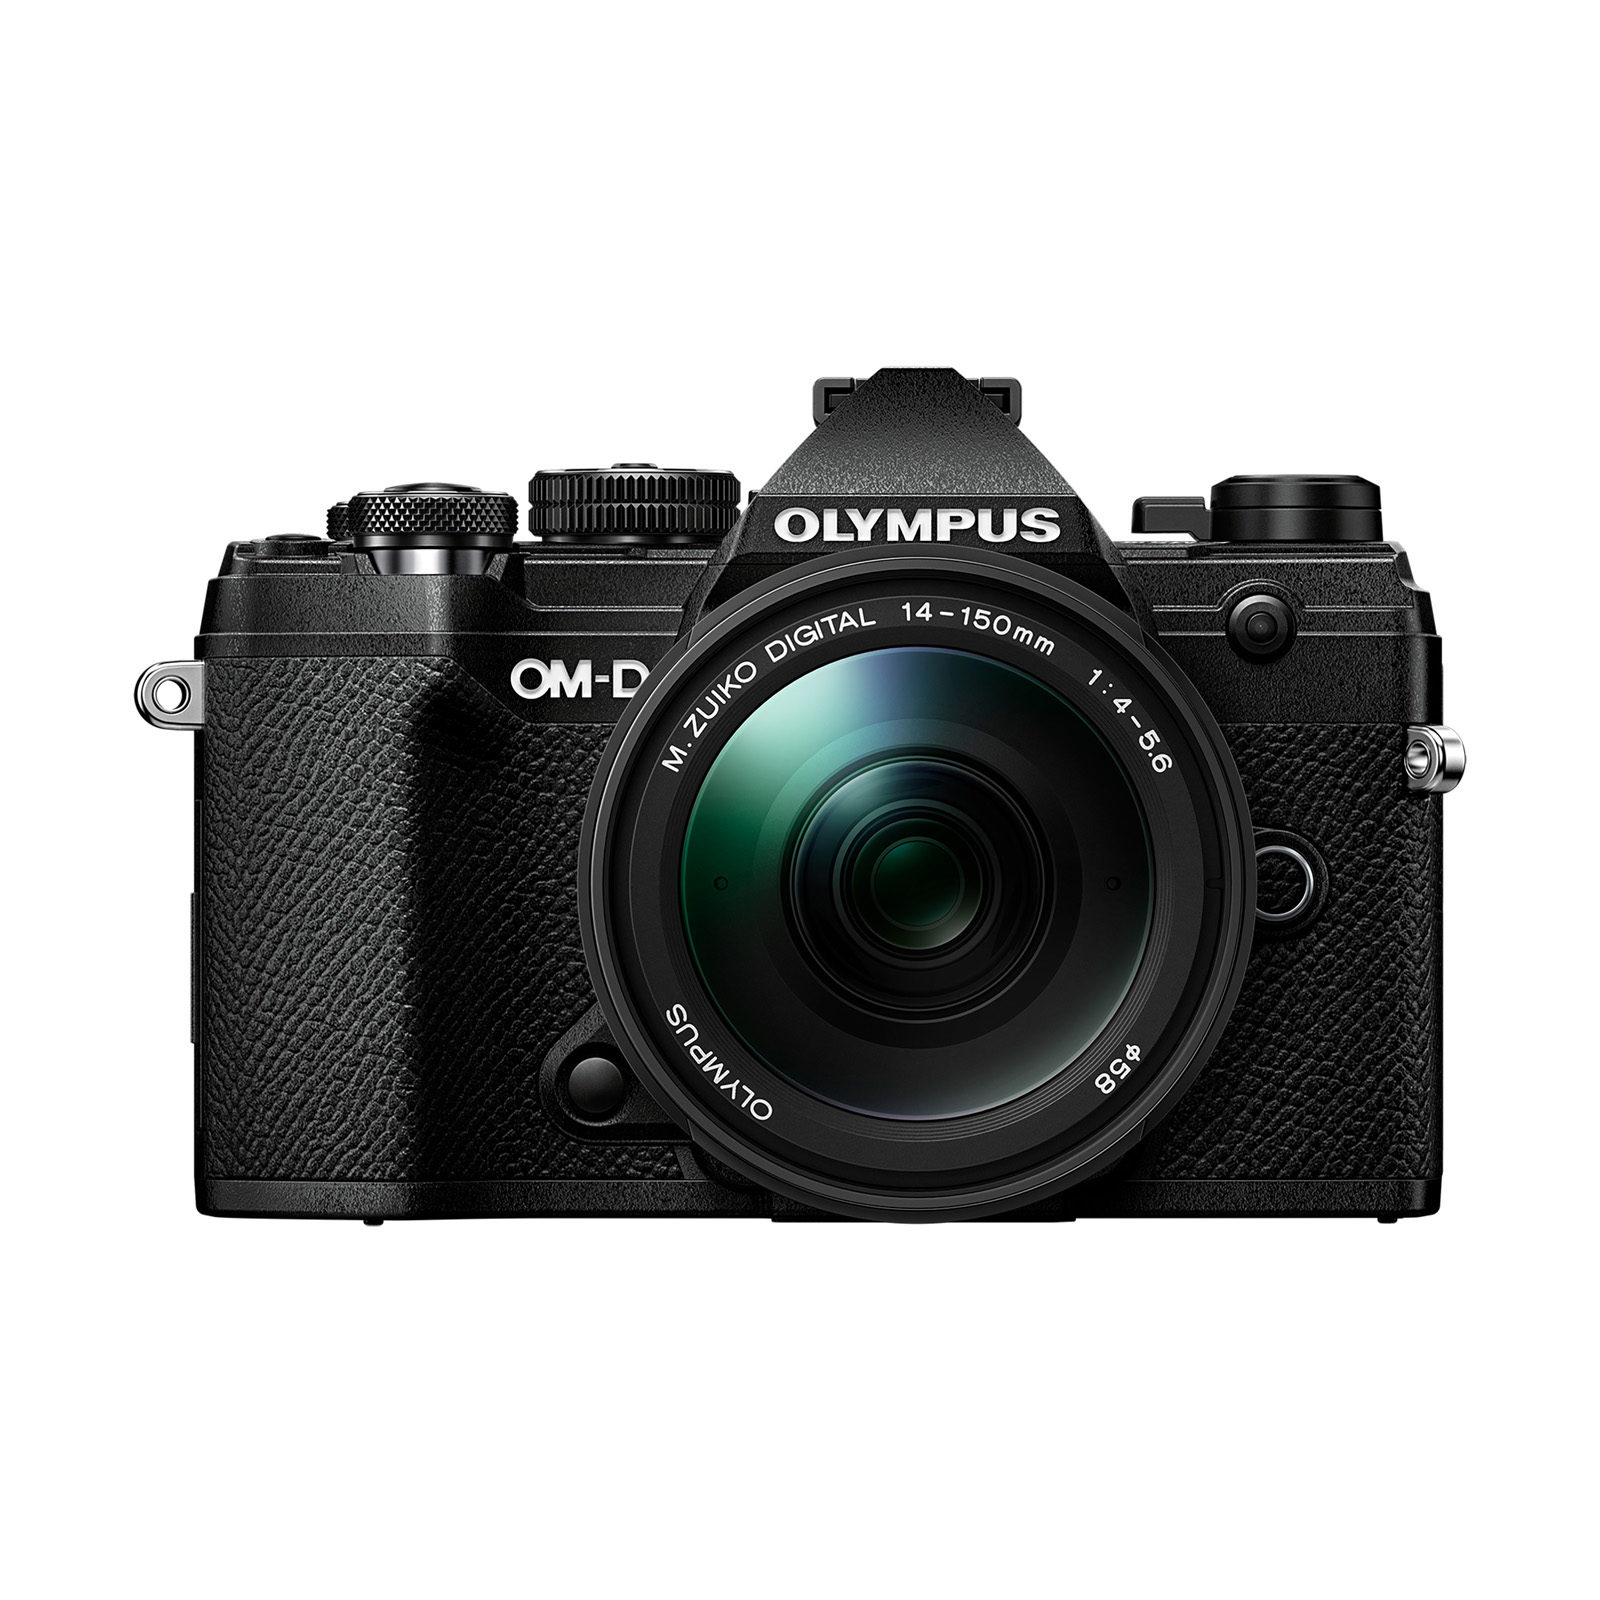 Olympus OM-D E-M5 Mark III systeemcamera Zwart + 14-150mm <br/>€ 1449.00 <br/> <a href='https://www.cameranu.nl/fotografie/?tt=12190_474631_241358_&r=https%3A%2F%2Fwww.cameranu.nl%2Fnl%2Fp3130142%2Folympus-om-d-e-m5-mark-iii-systeemcamera-zwart-14-150mm%3Fchannable%3De10841.MzEzMDE0Mg%26utm_campaign%3D%26utm_content%3DOM-D%2Bserie%26utm_source%3DTradetracker%26utm_medium%3Dcpc%26utm_term%3DDigitale%2Bcamera%26apos%3Bs' target='_blank'>naar de winkel</a>